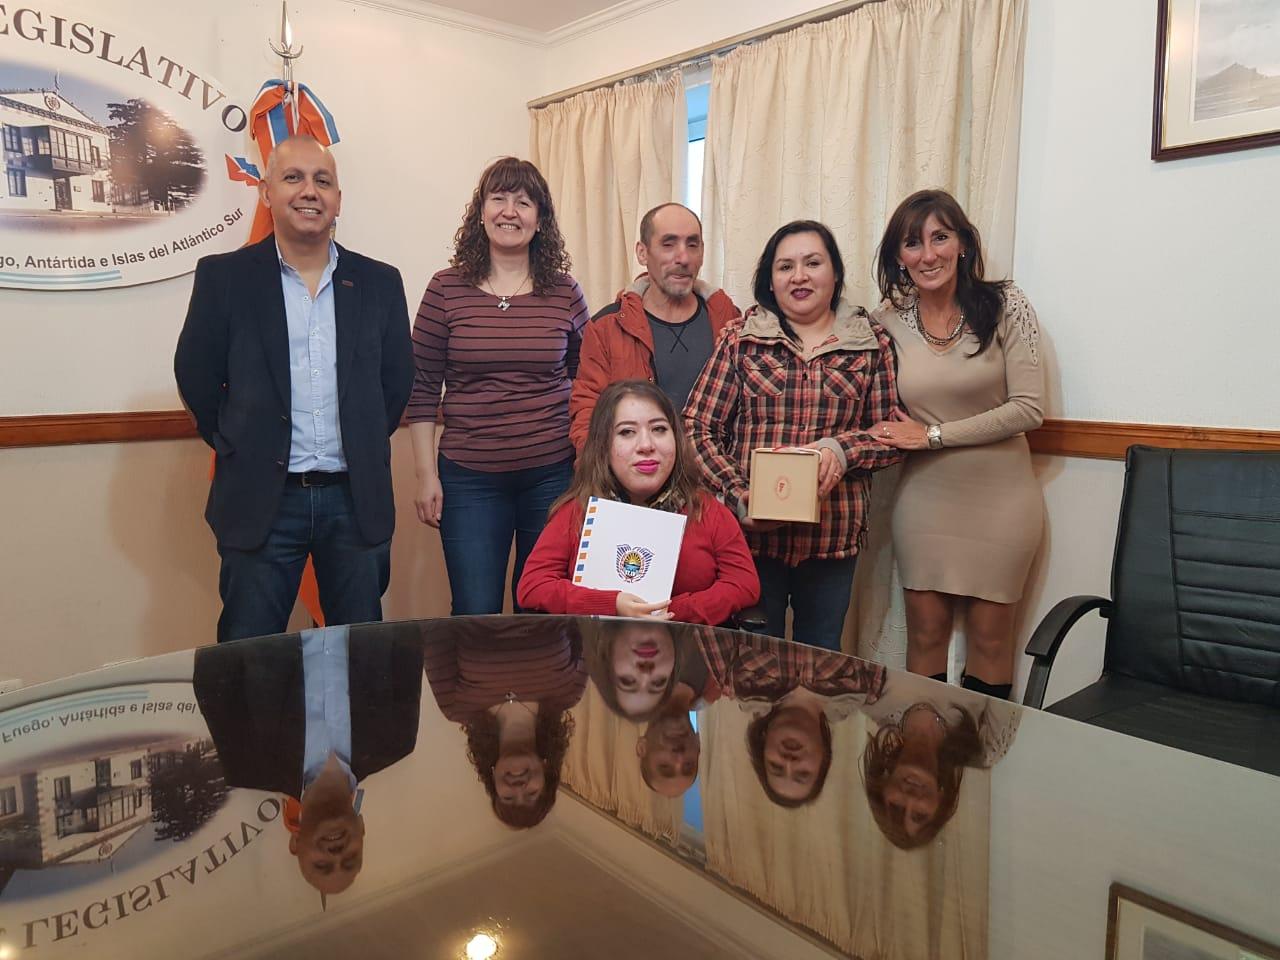 Urquiza y Villegas destacan la obra pictórica de Andrea Guevara Pérez